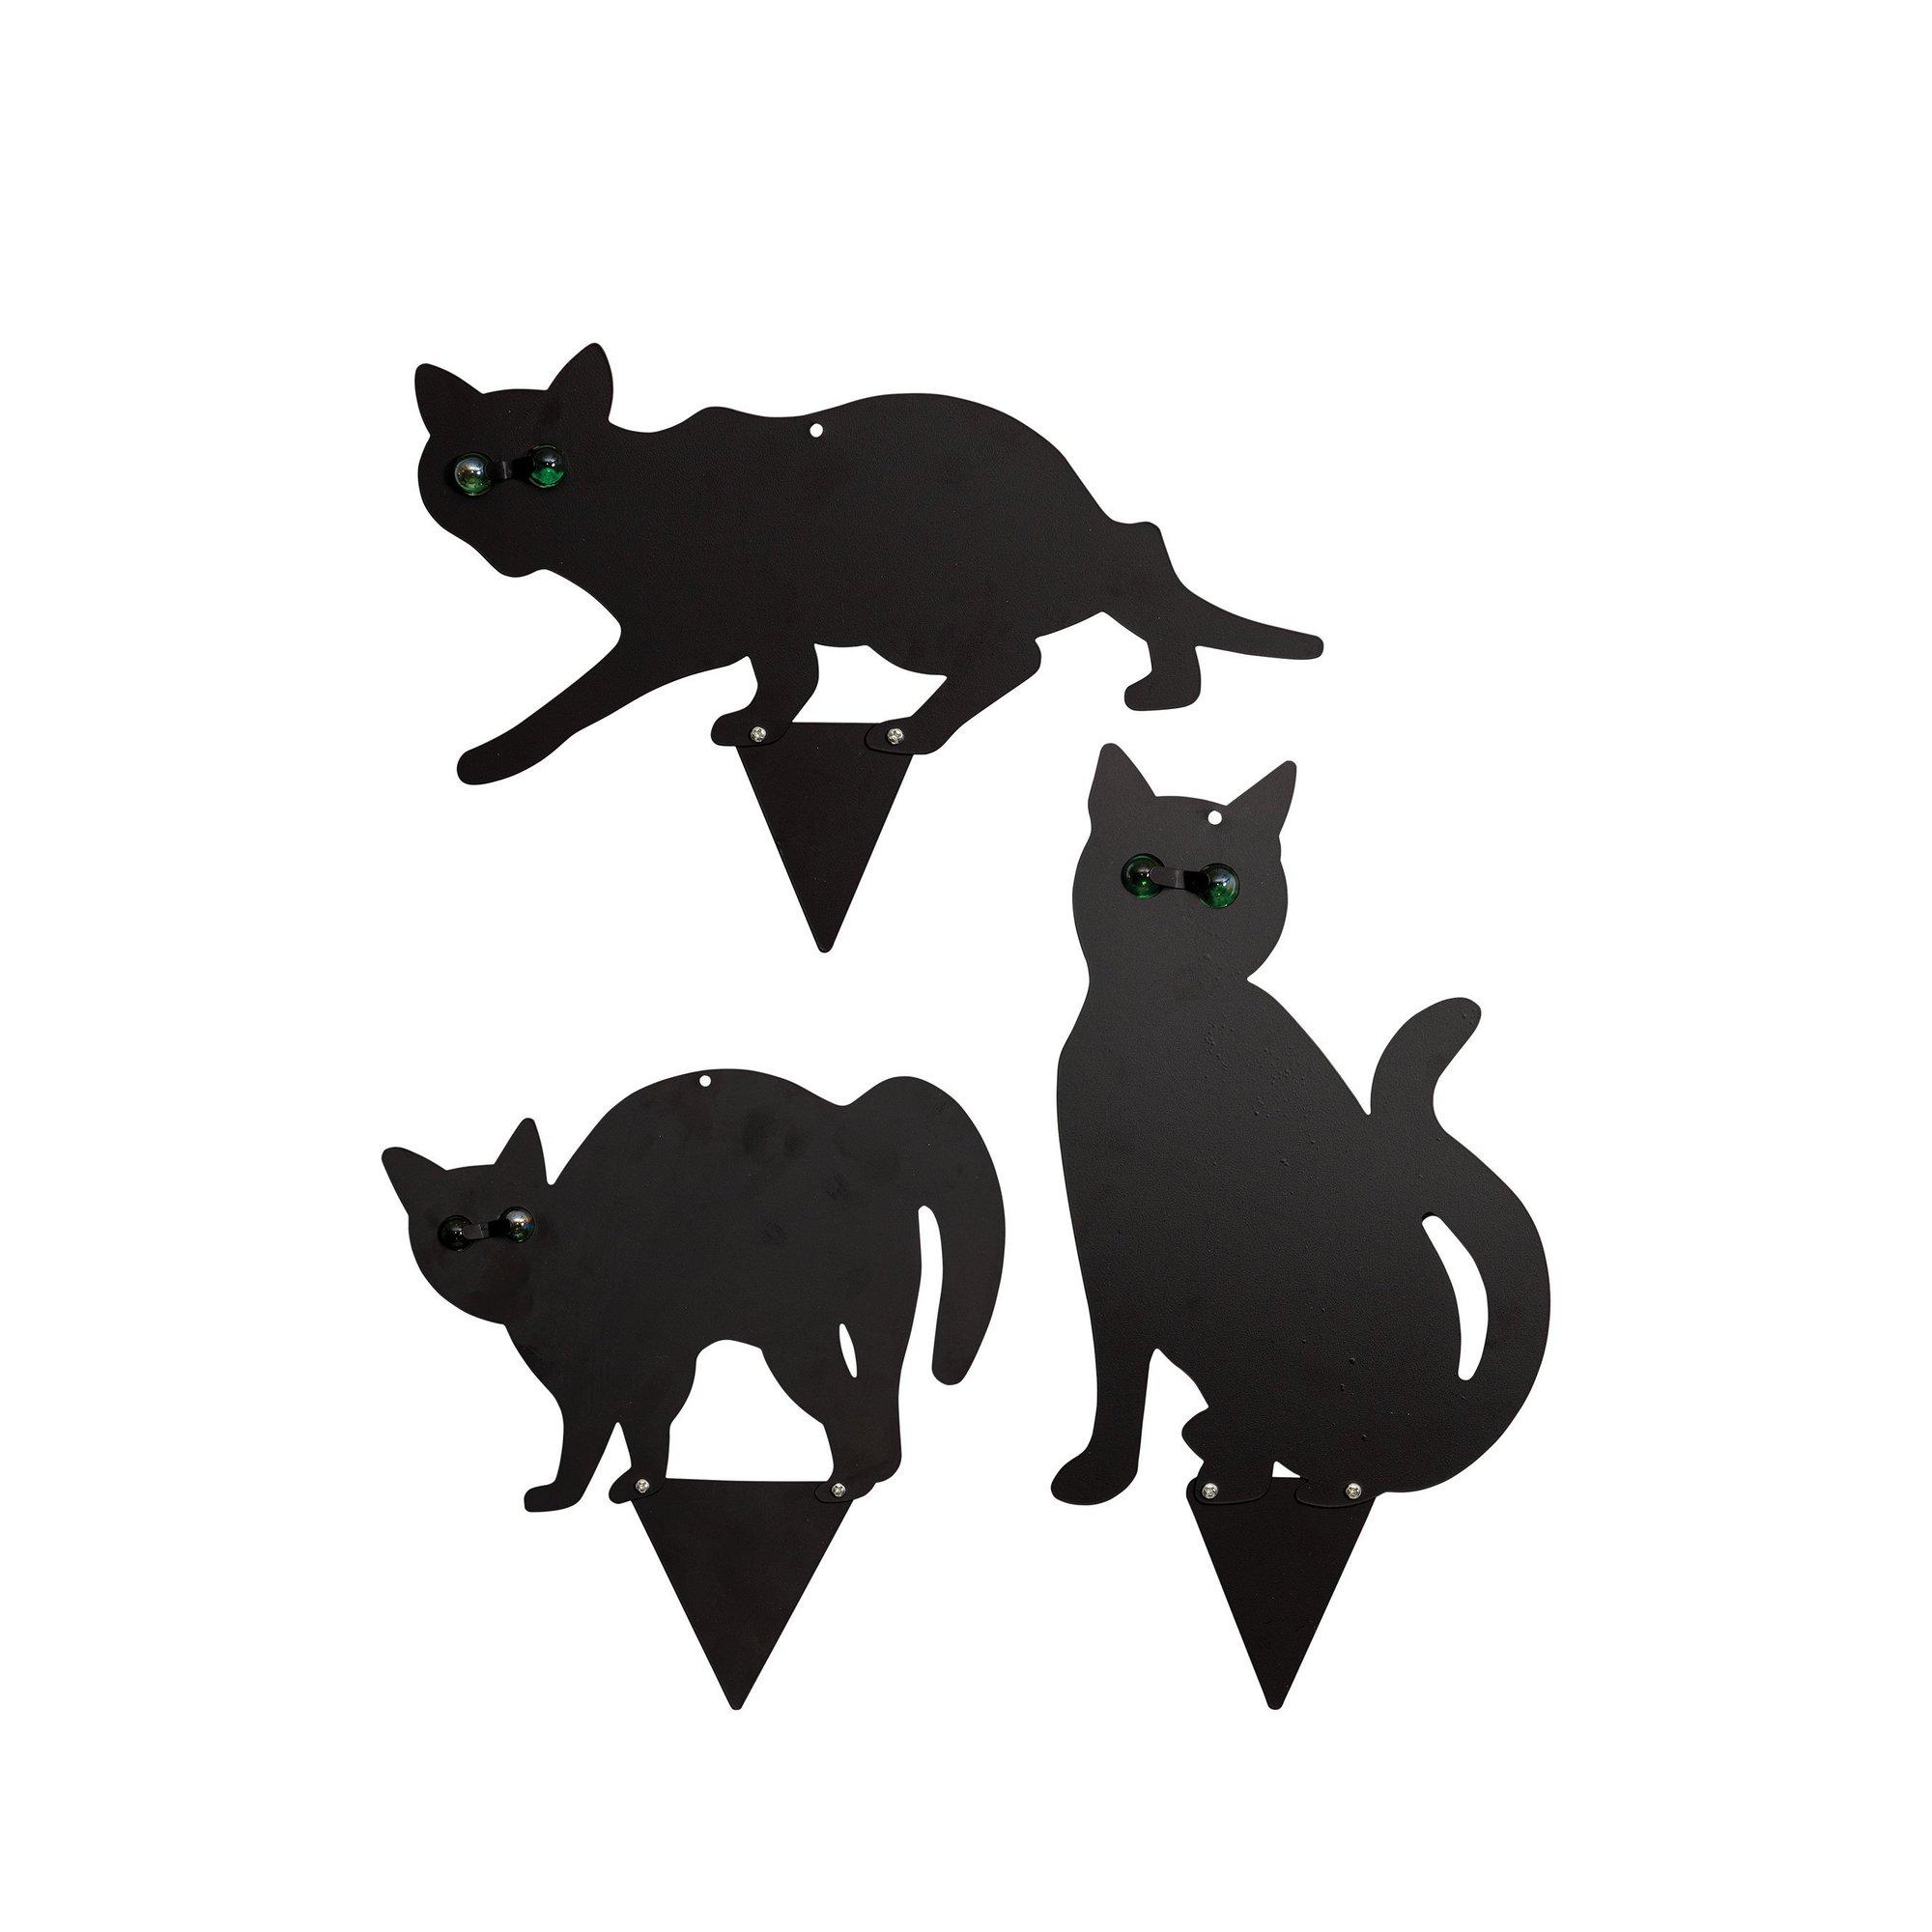 Image of 3 Black Metal Cat Scarer